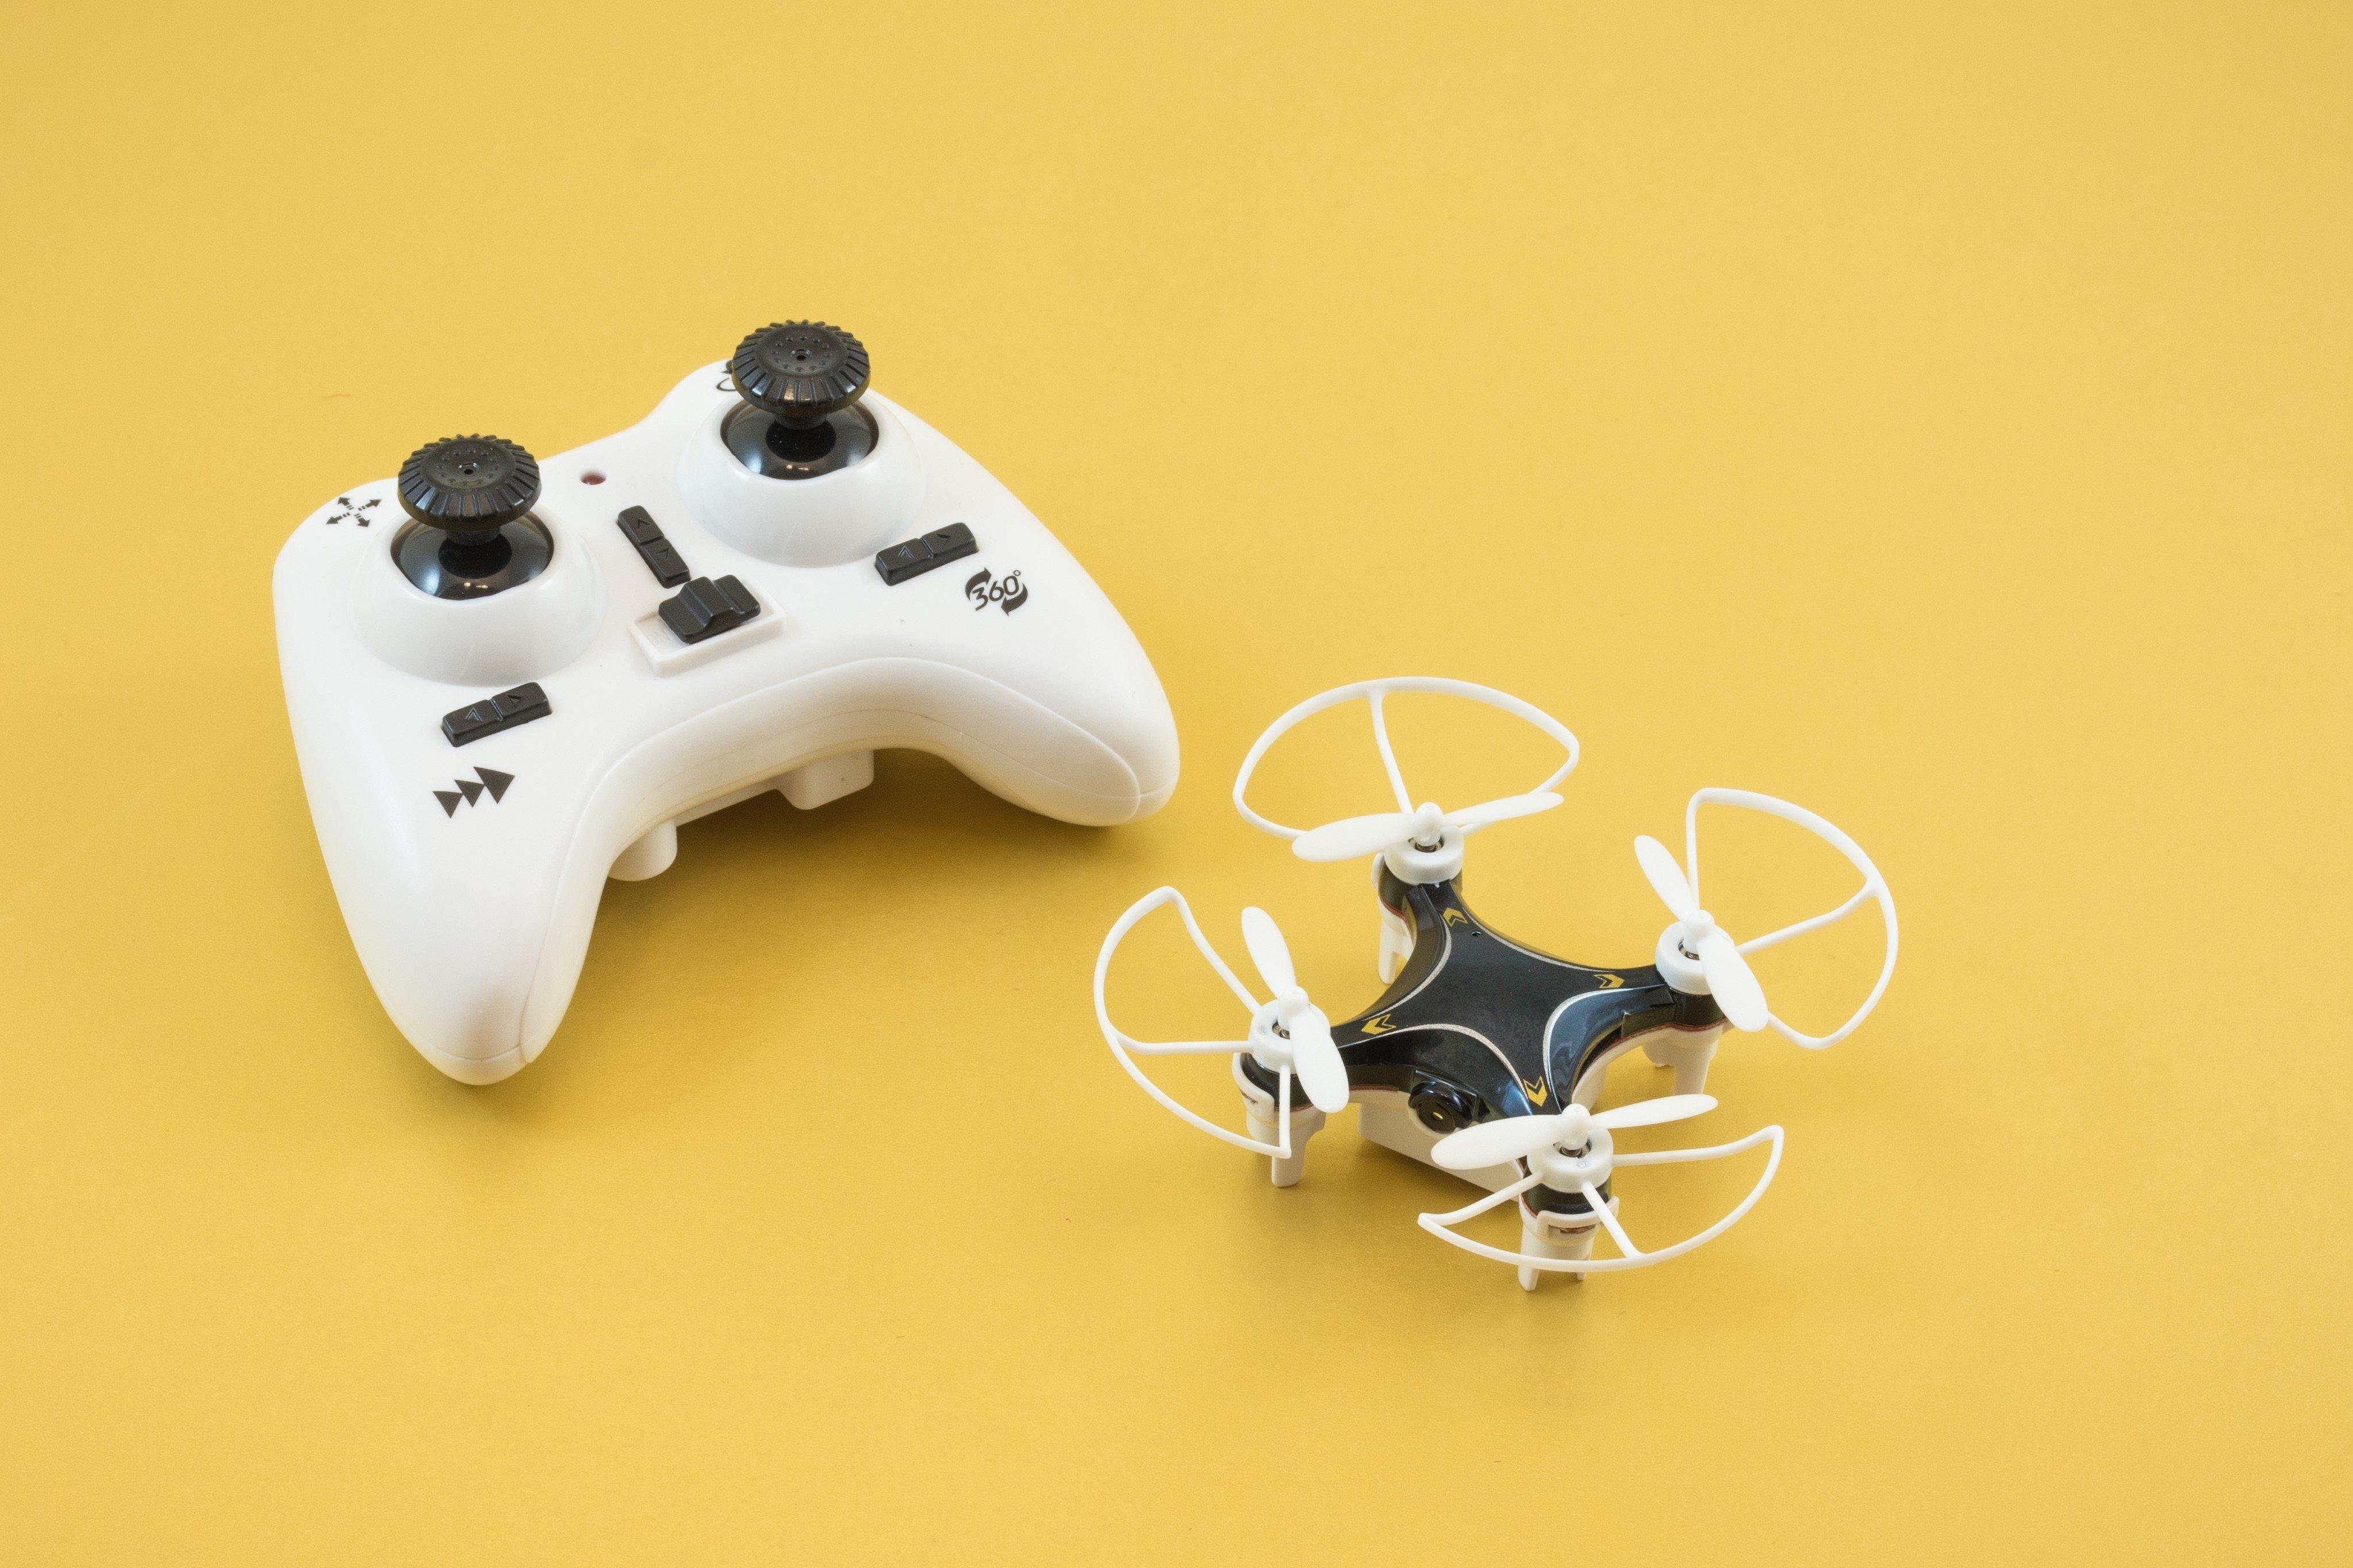 Mini Drona Spionaj T101 cu camera video HD2